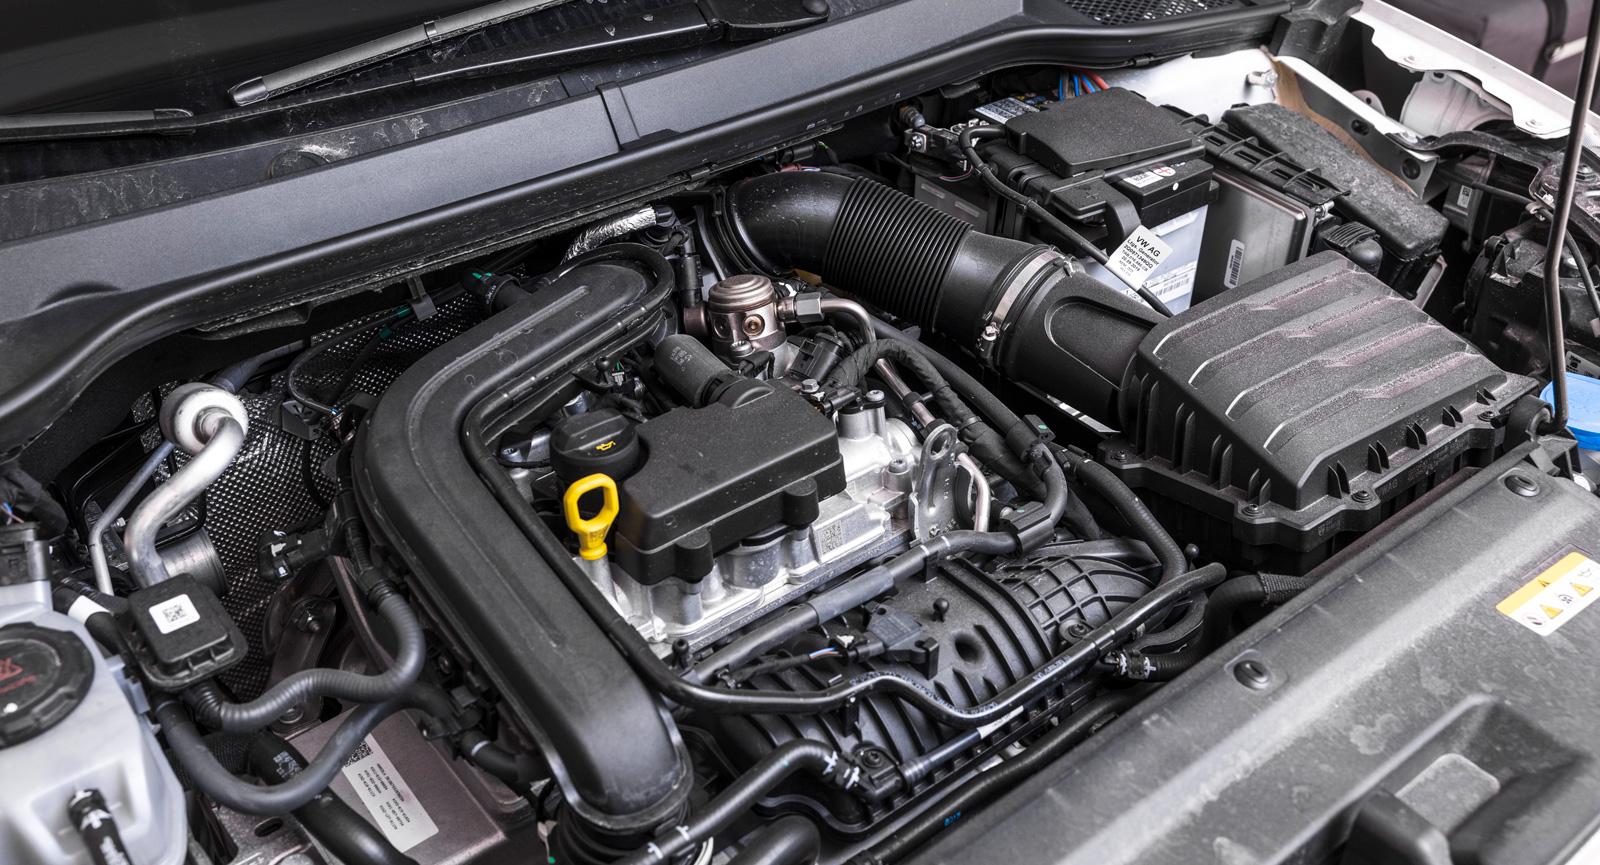 Kontrollerat kaos. Samma motor finns med effektuttag på 110 hästkrafter.